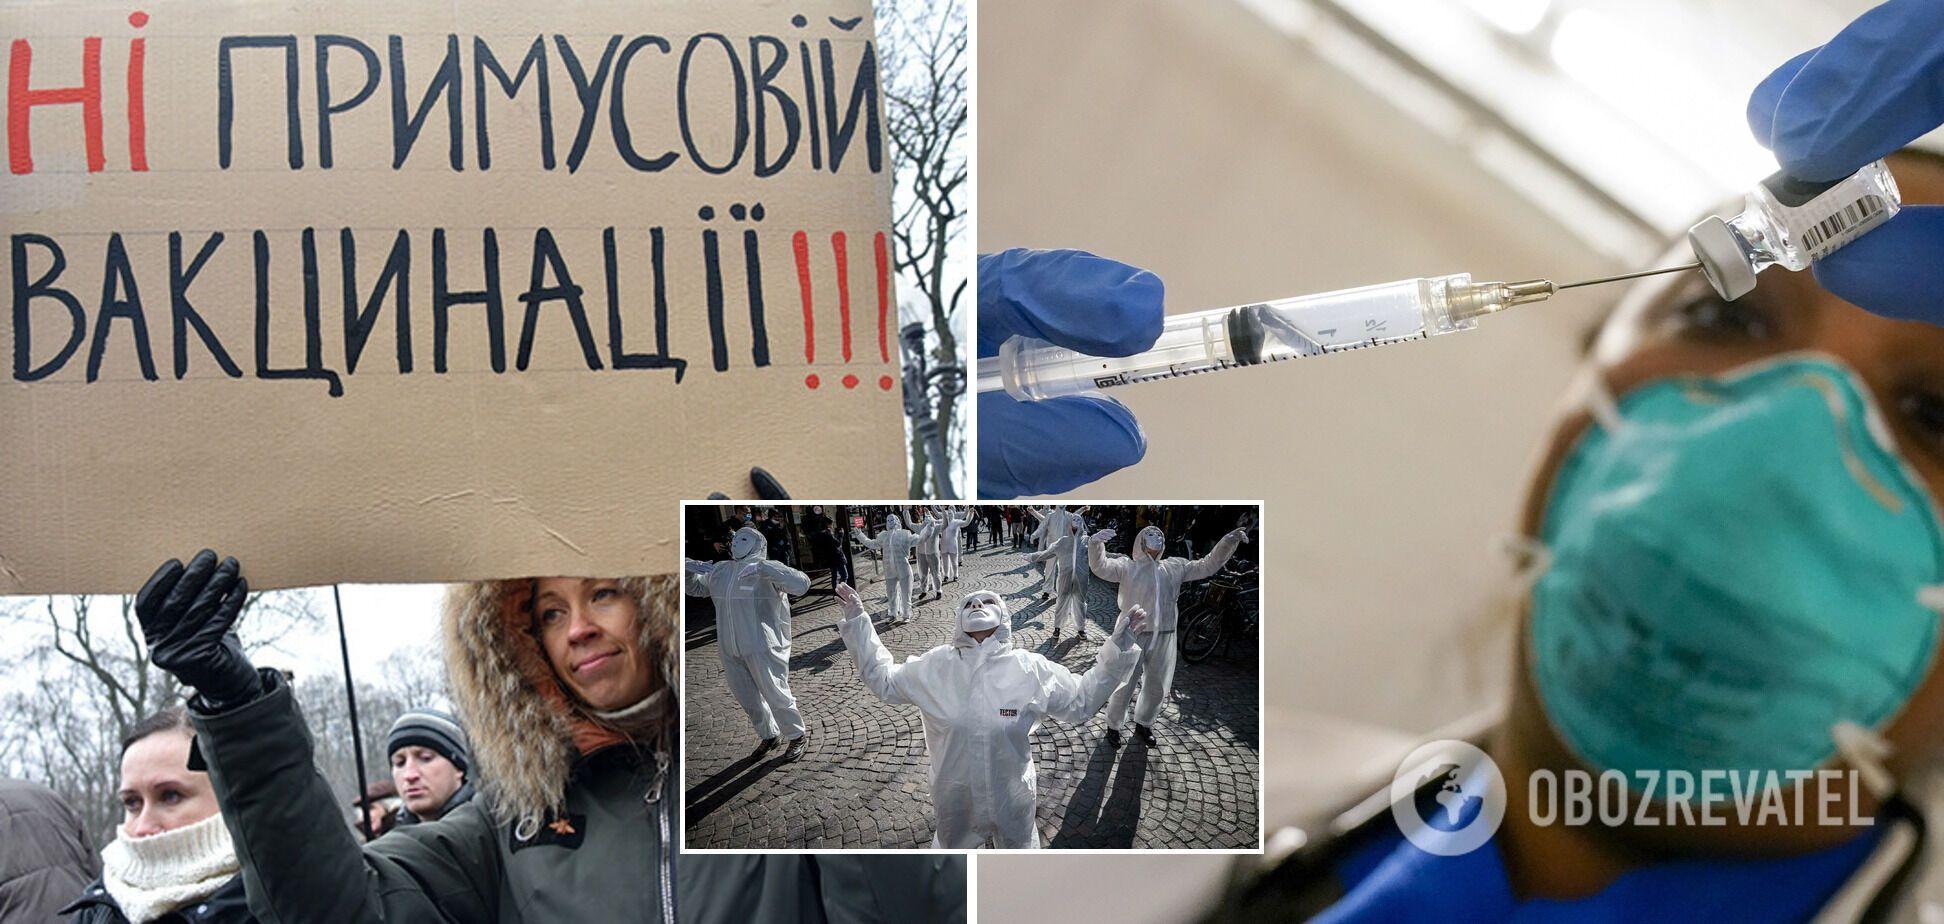 Я против принудительной вакцинации: спасать самоубийц – дело бесполезное